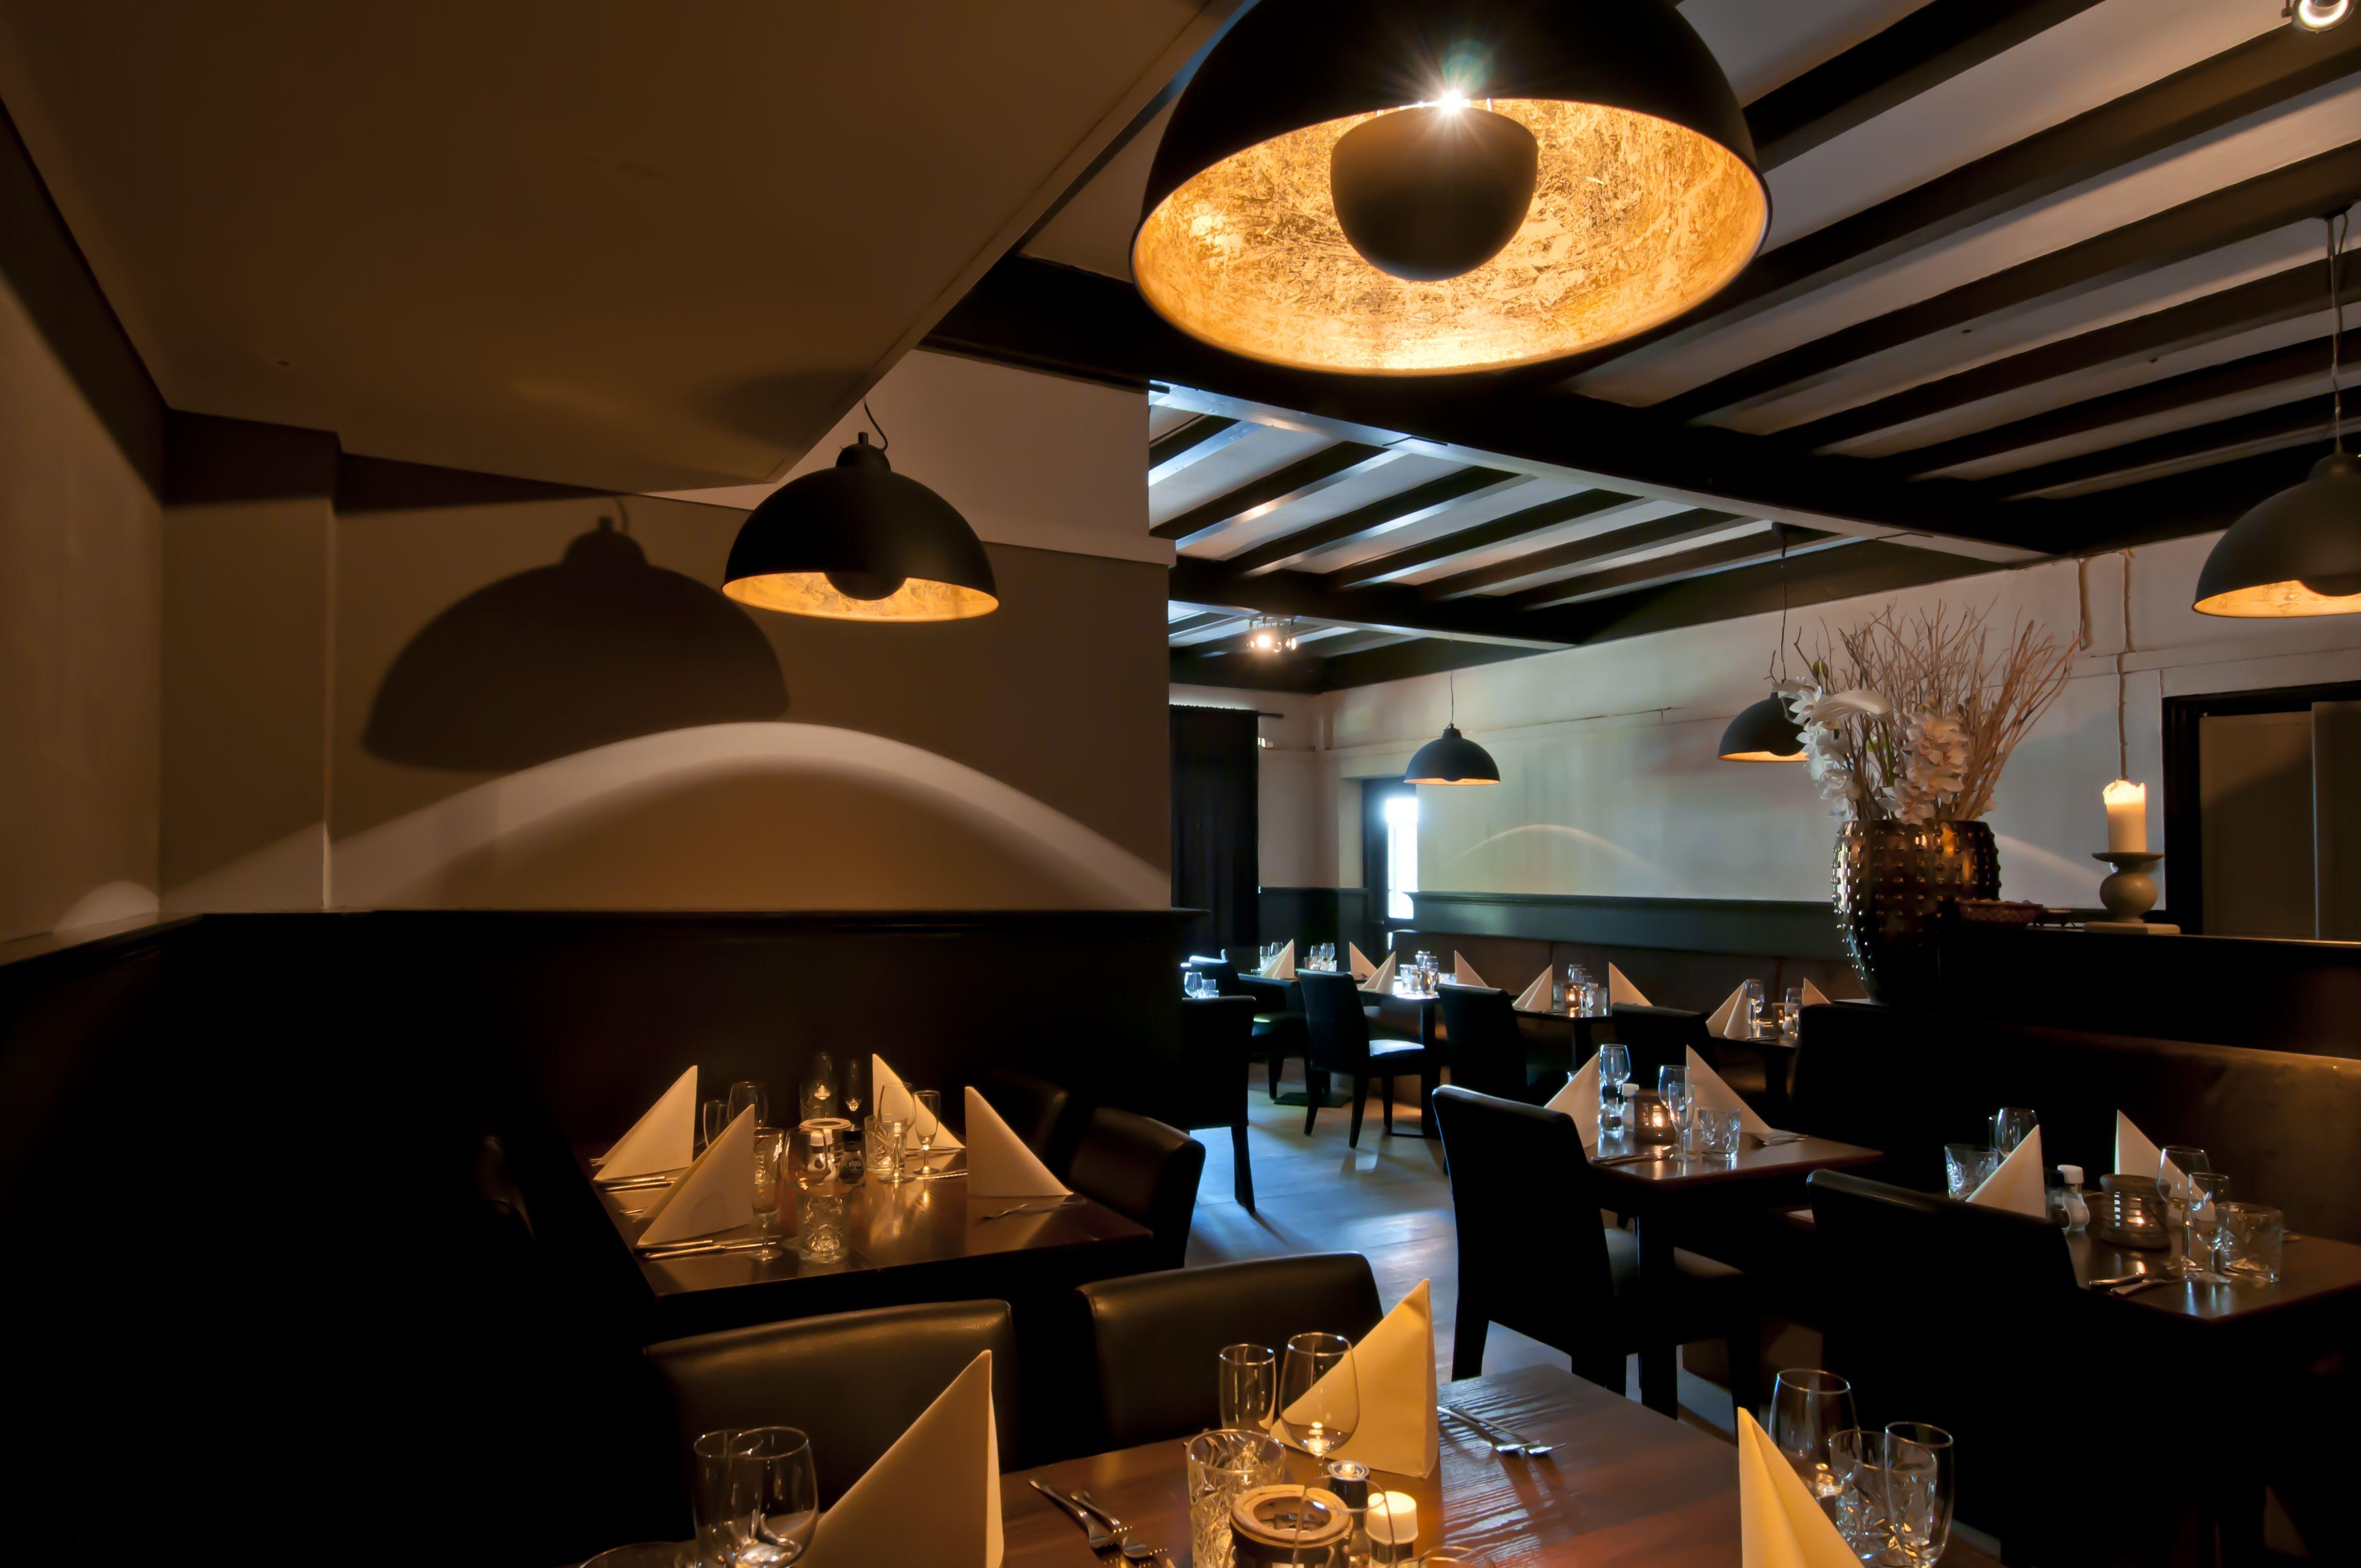 Interieur Cozy restaurant Heemstede